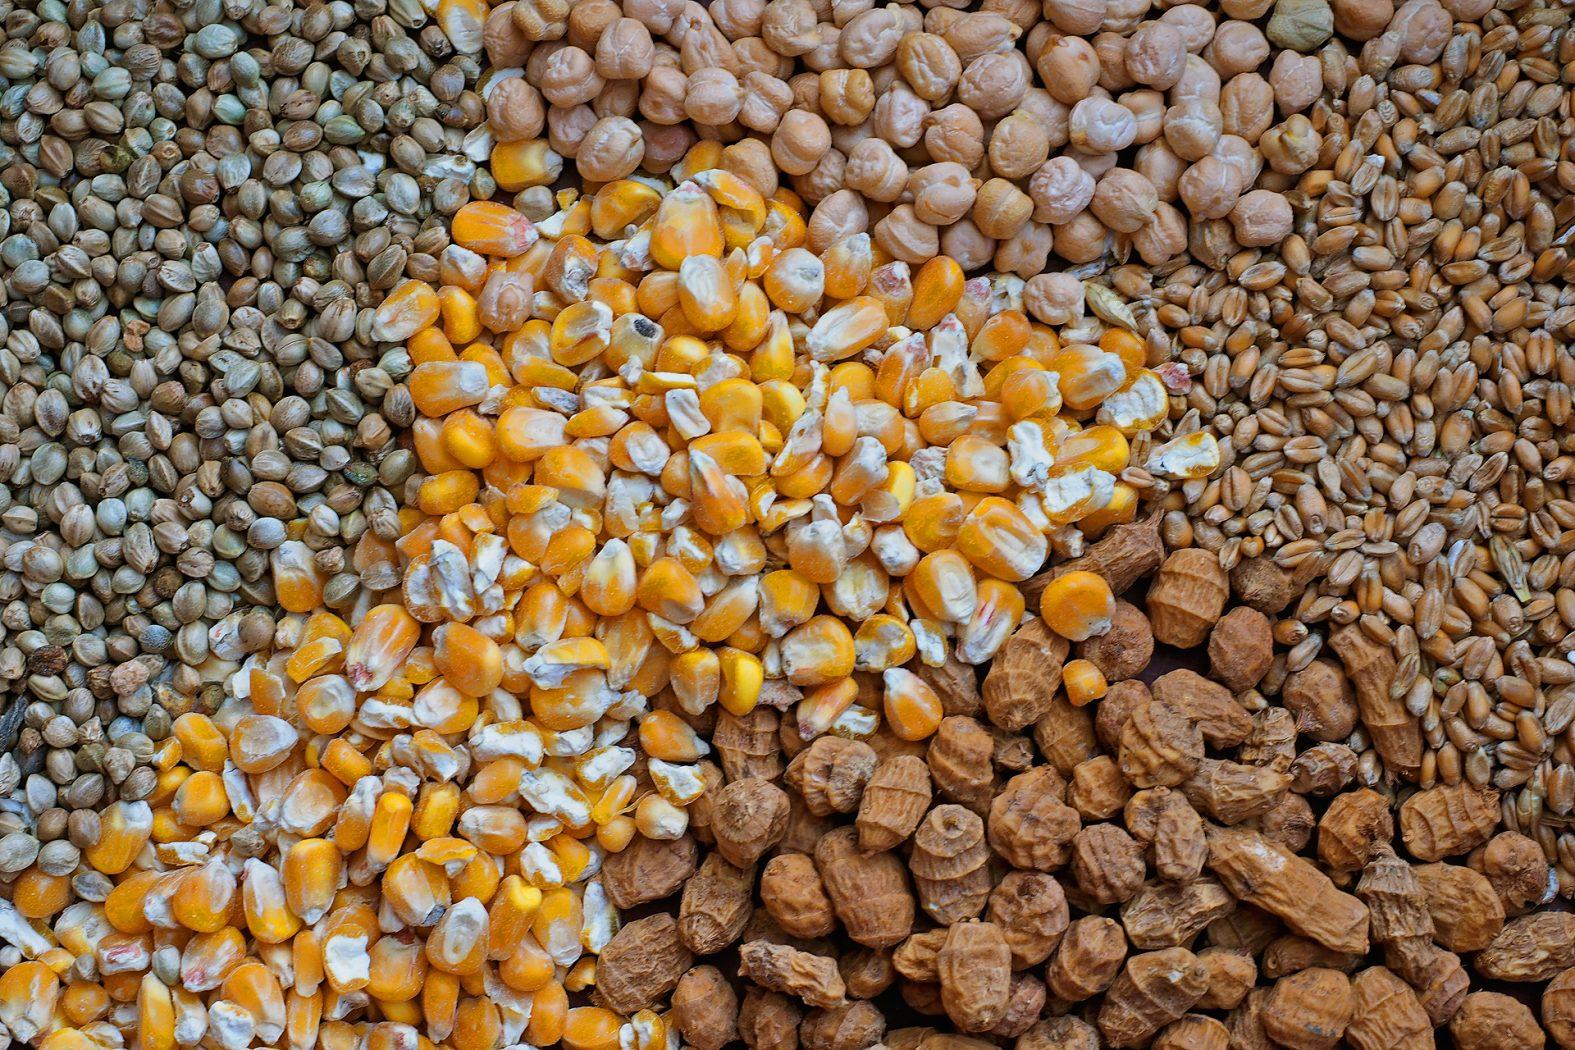 Angeln mit Kichererbsen, Mais, Tigernüssen, Hanf und Weizen